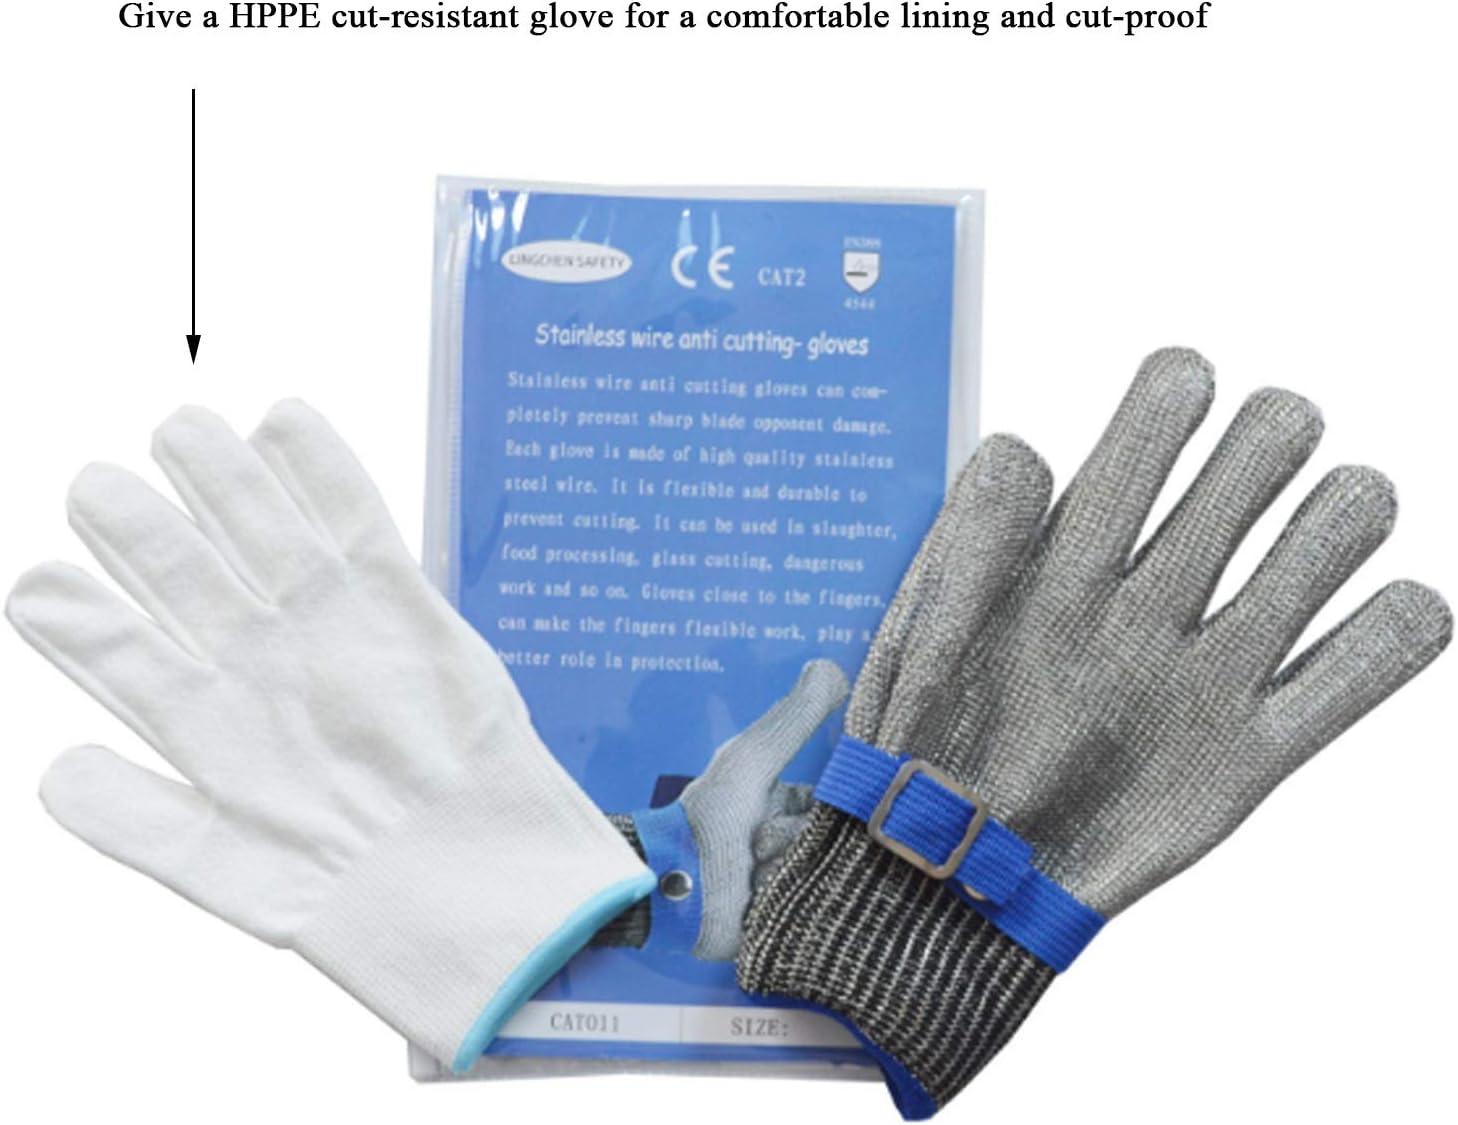 21.5cm JiaCH Gants de courrier de cha/îne r/ésistants /à la Coupure de Maille dacier Inoxydable bross/é pour Le Gant de s/écurit/é de Travail de Boucher de Cuisine 1pcs Color : Blue, Size : XS